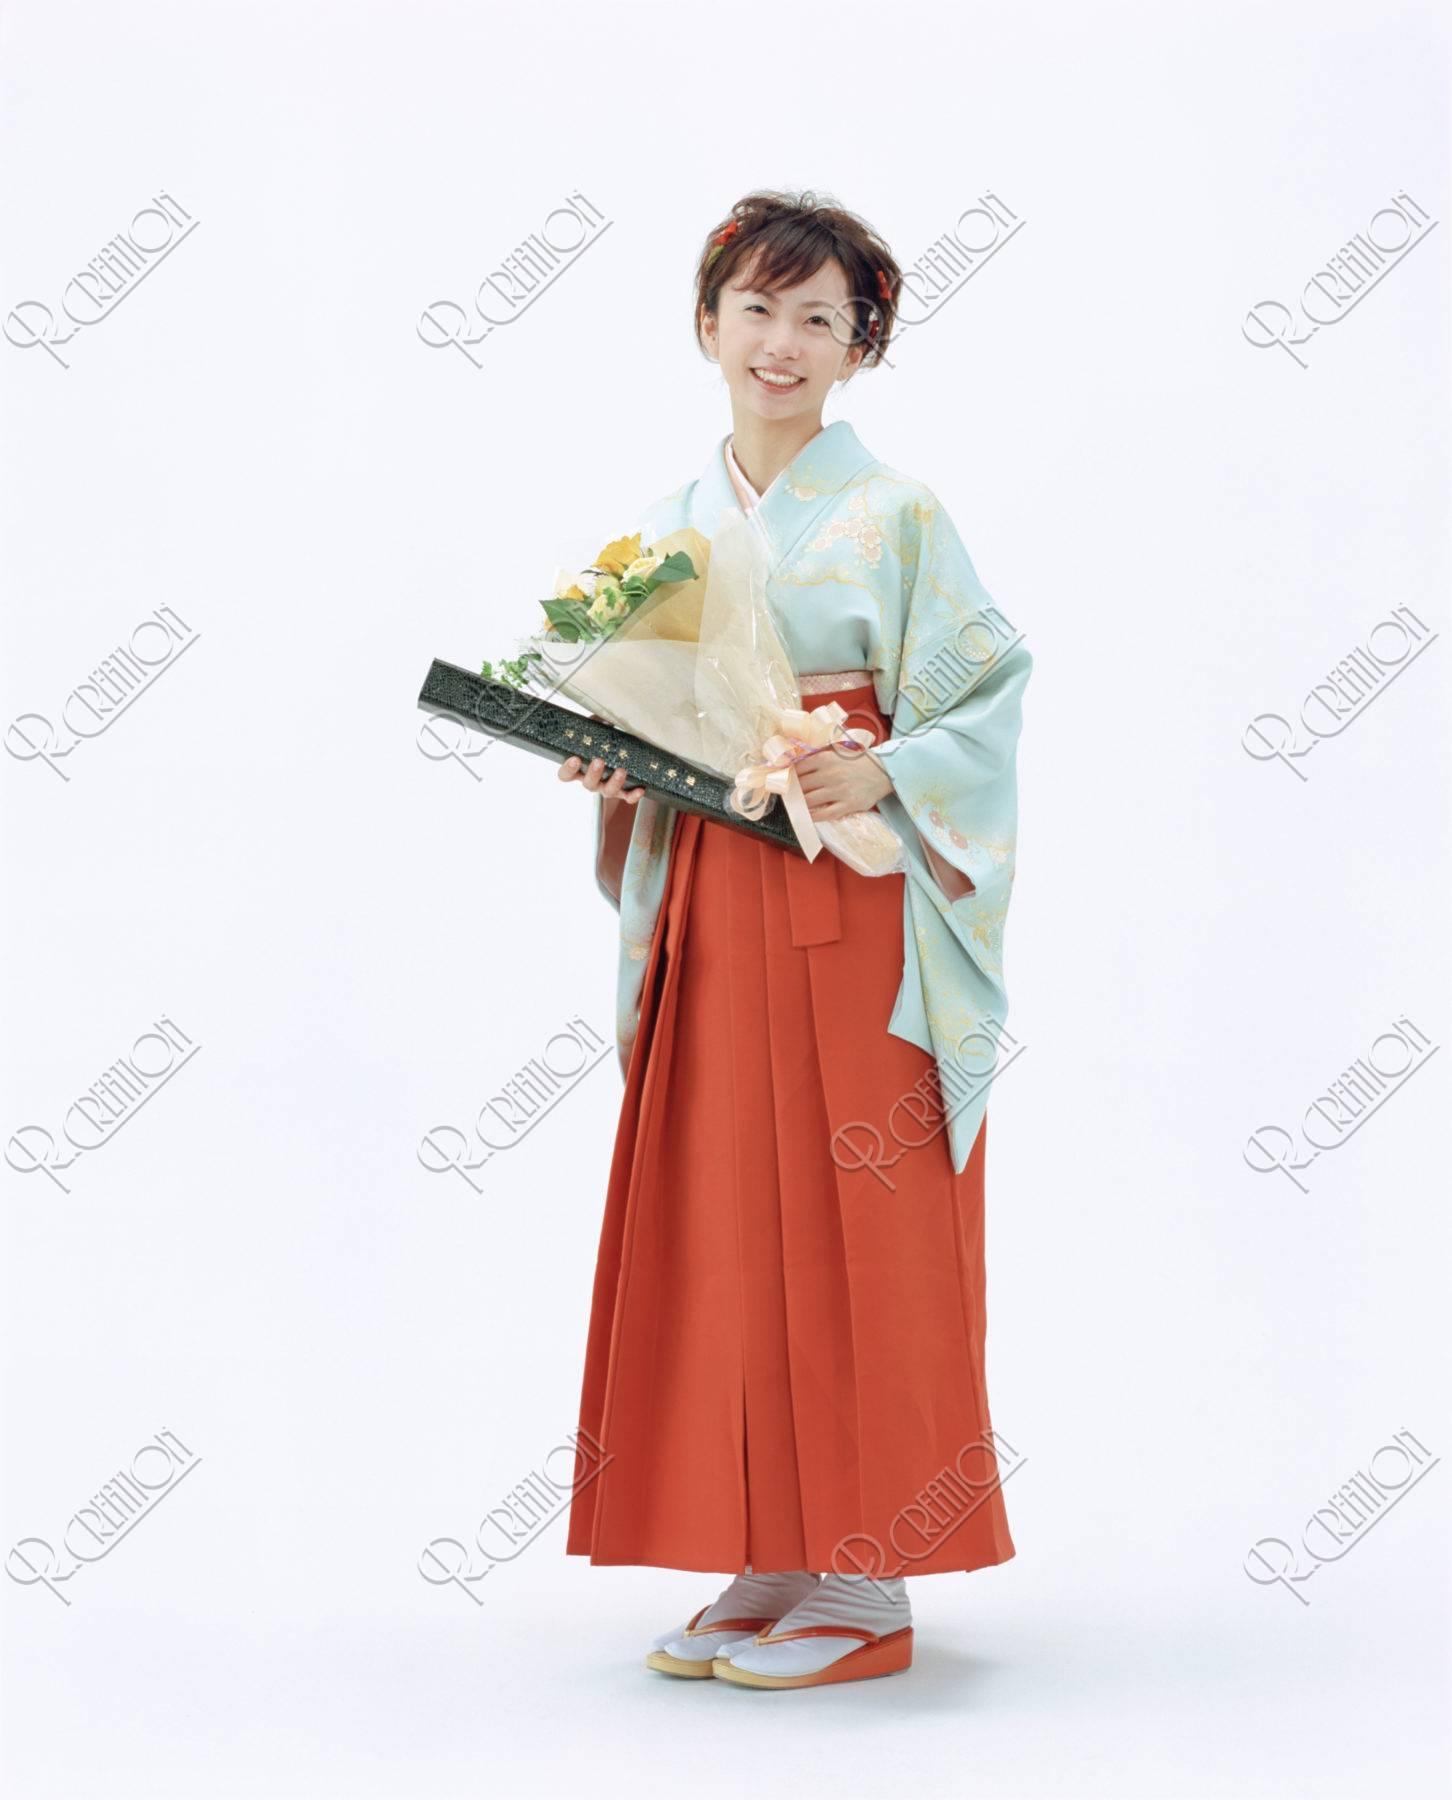 卒業式の女性